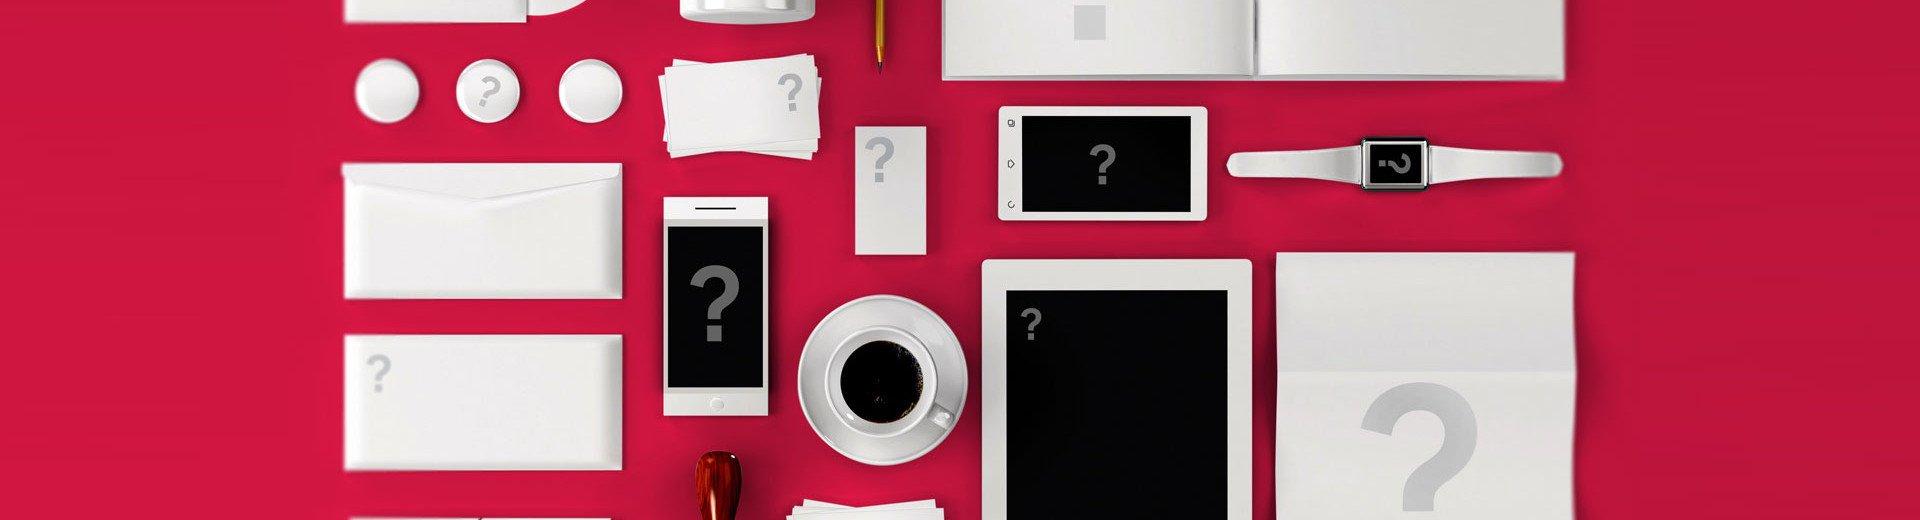 Okładka artykułu Polish Graphic Design Awards — Zgłoś swój projekt do konkursu!